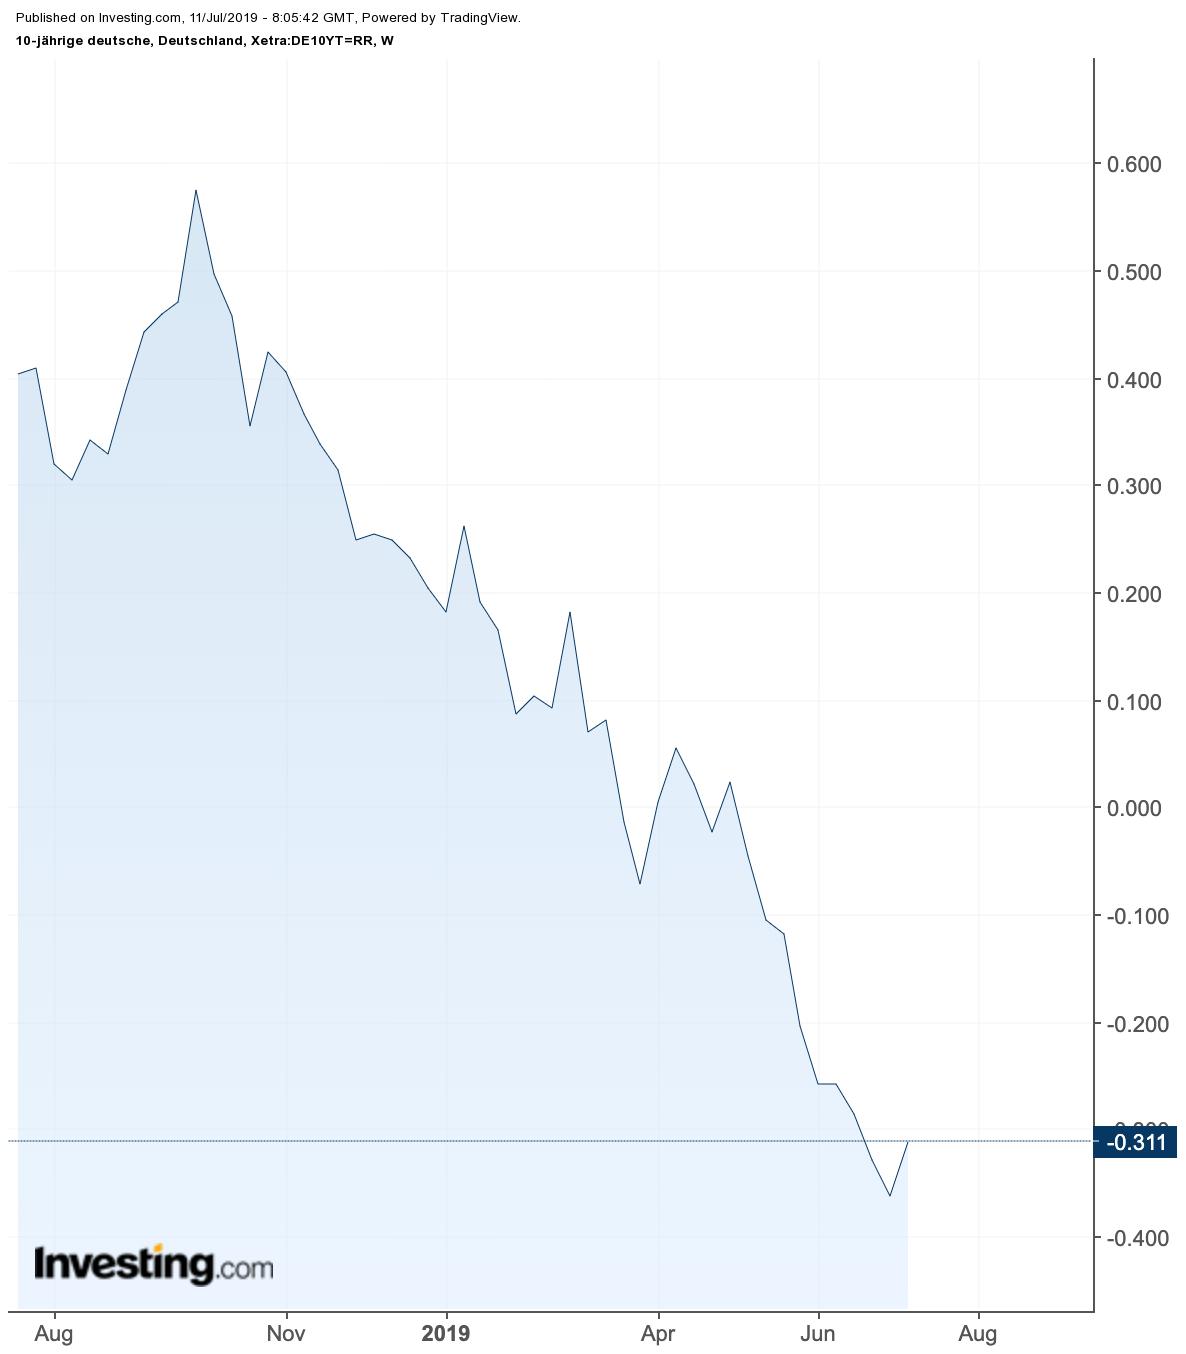 Anleihemarkt Wahnsinn - 10 Jahre Bund Rendite freier Markt